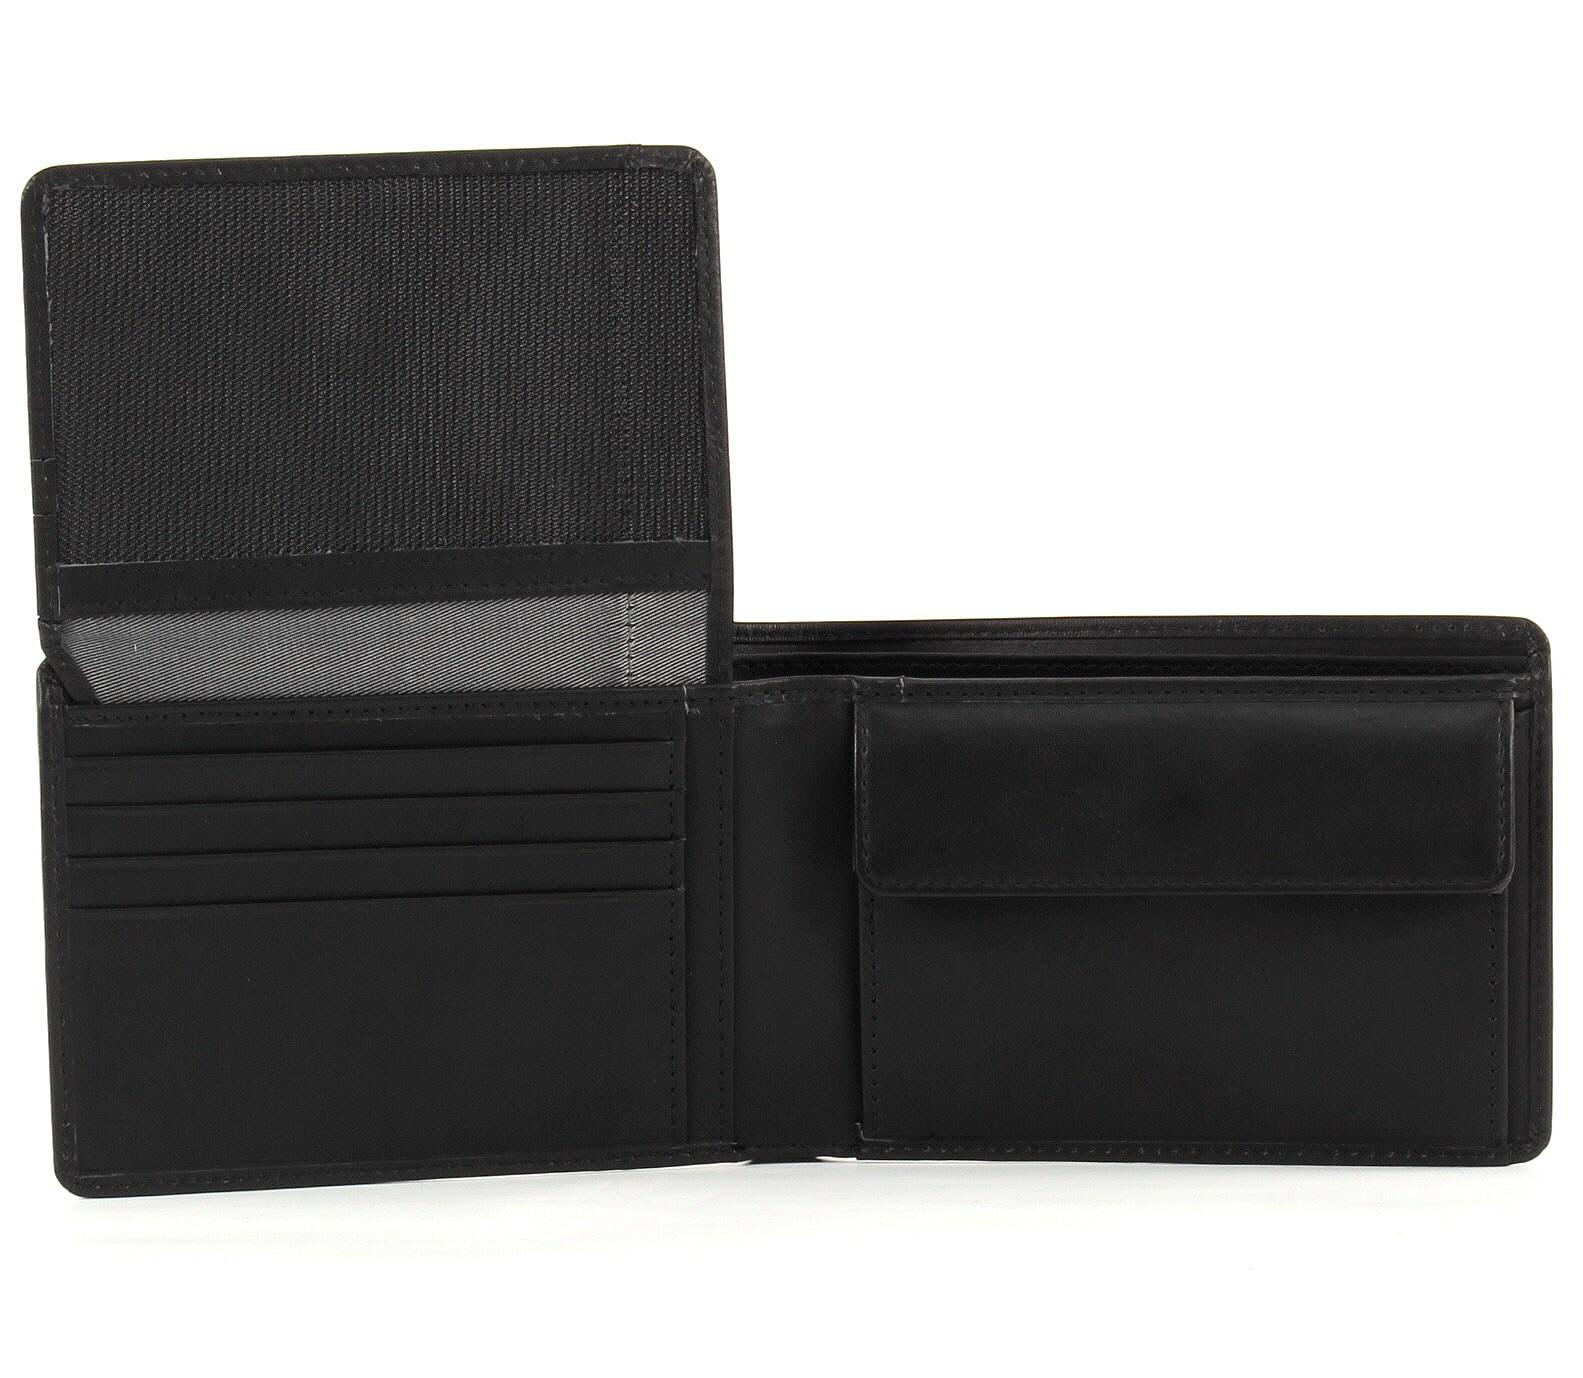 Kleidung & Accessoires Bugatti Primo Coin Wallet 4cc Geldbörse Portemonnaie Neu Herren Schwarz Black Herren-accessoires